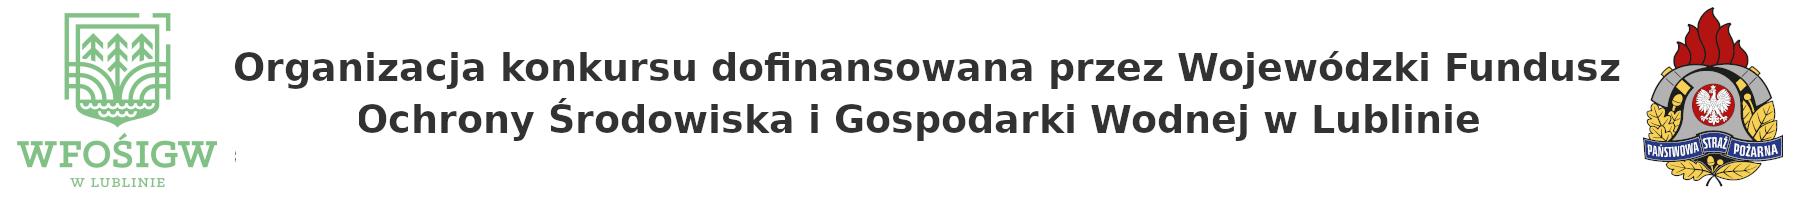 Organizacja konkursu dofinansowana przez Wojewódzki Fundusz Ochrony Środowiska i Gospodarki Wodnej w Lublinie